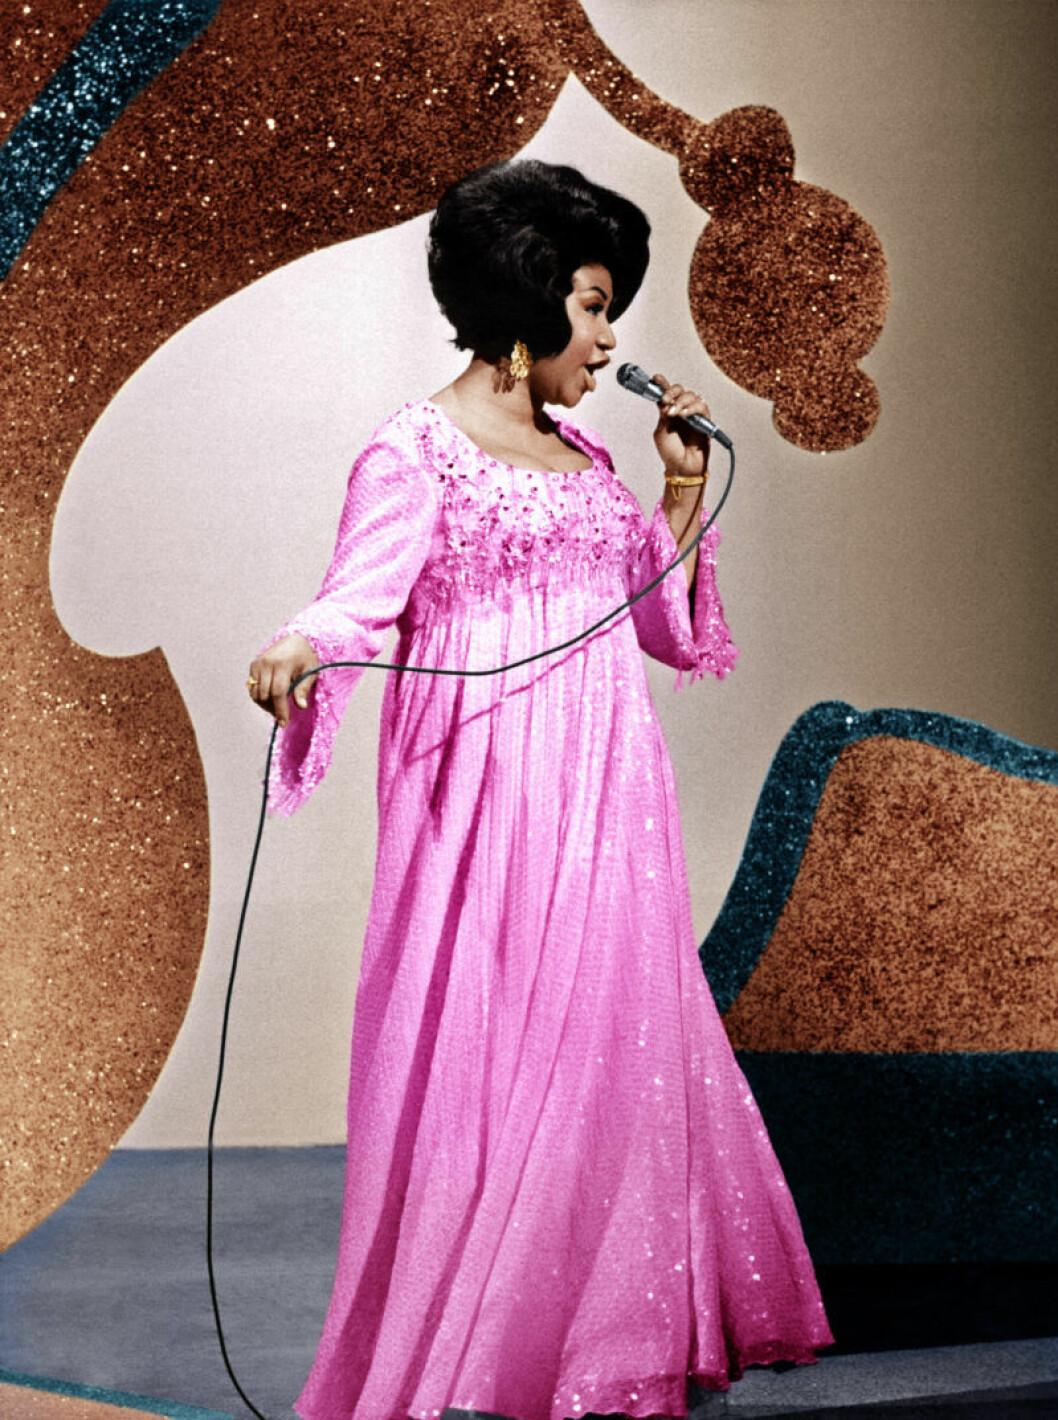 Aretha Franklin 1969.